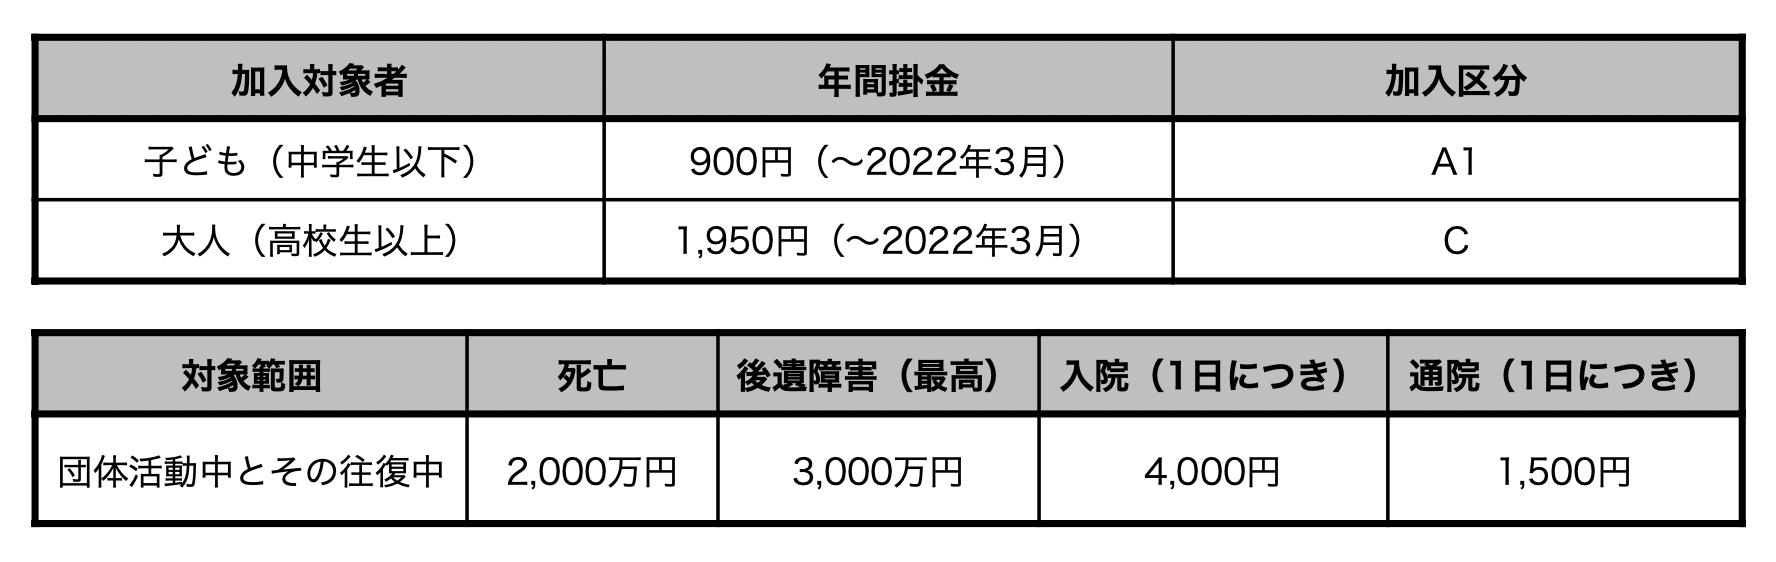 スクリーンショット 2021-03-17 10.14.05